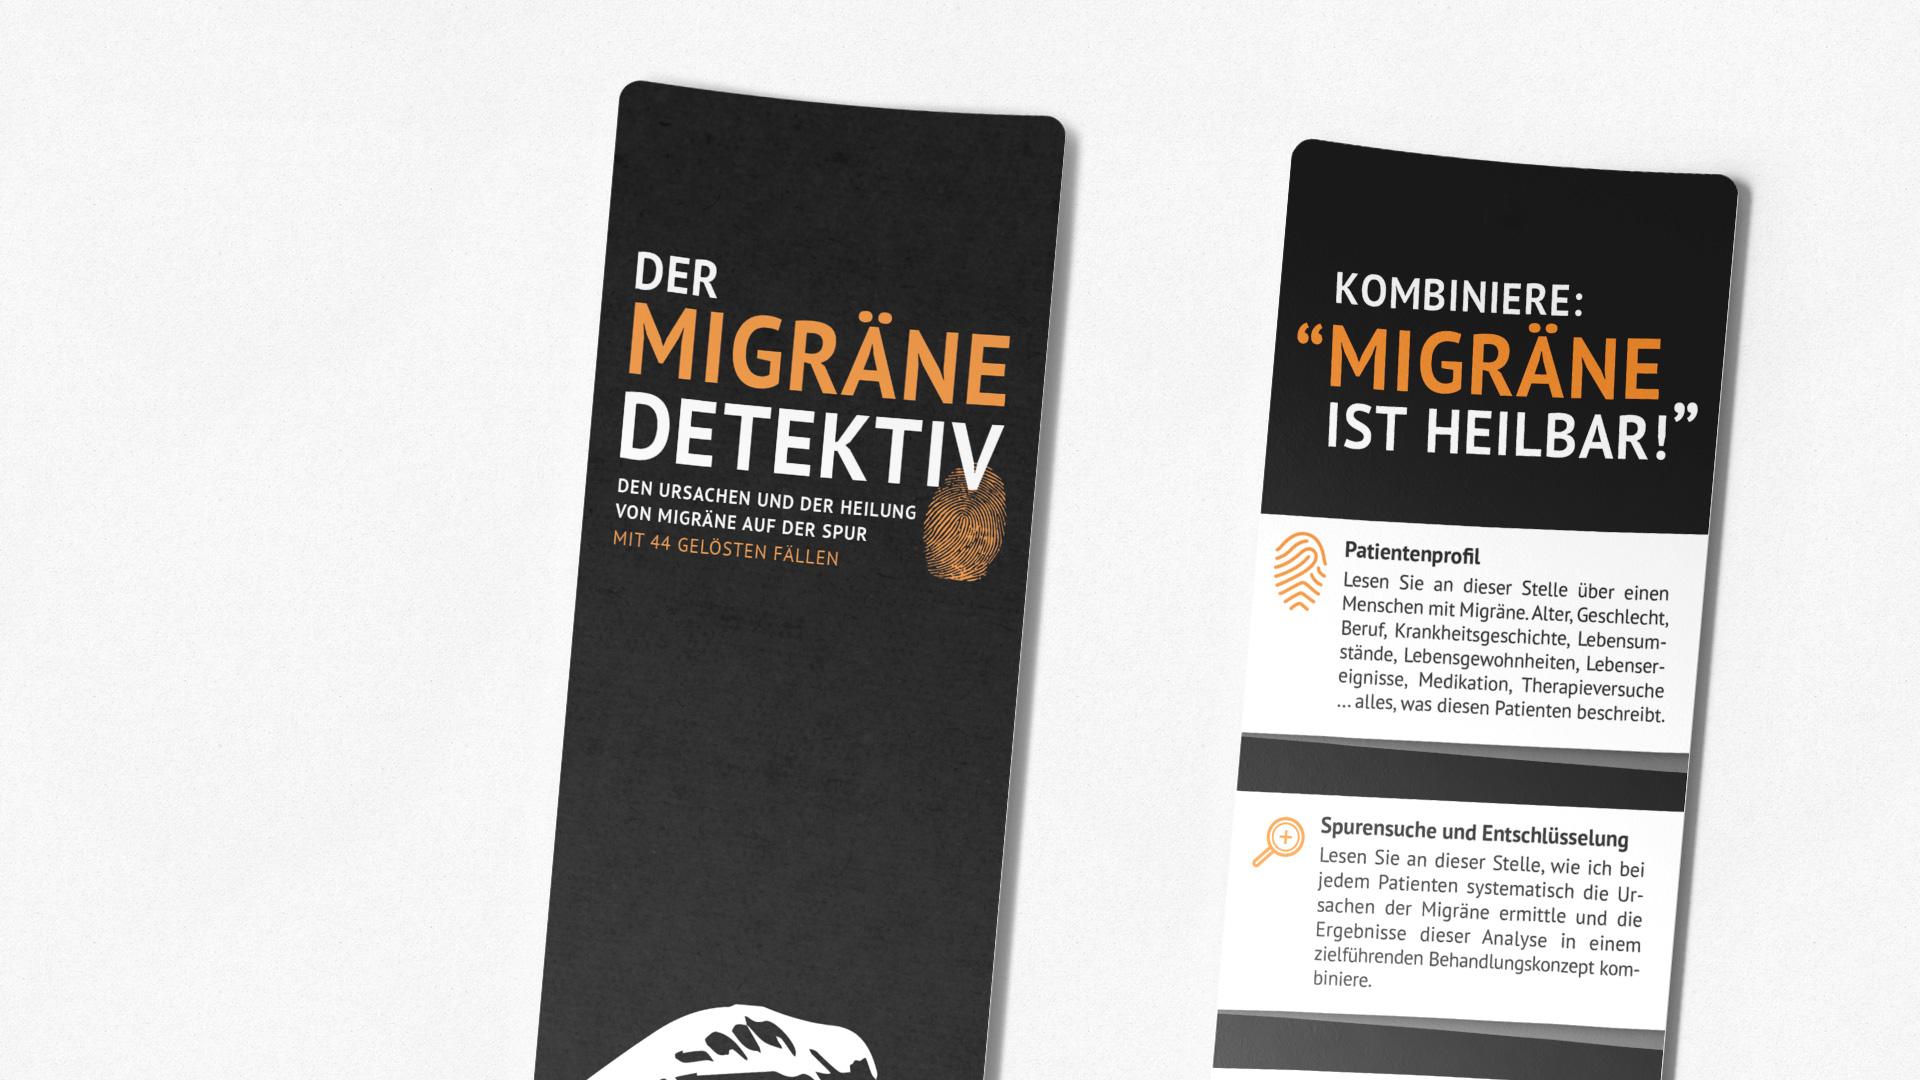 Der Migräne Detektiv Lesezeichen